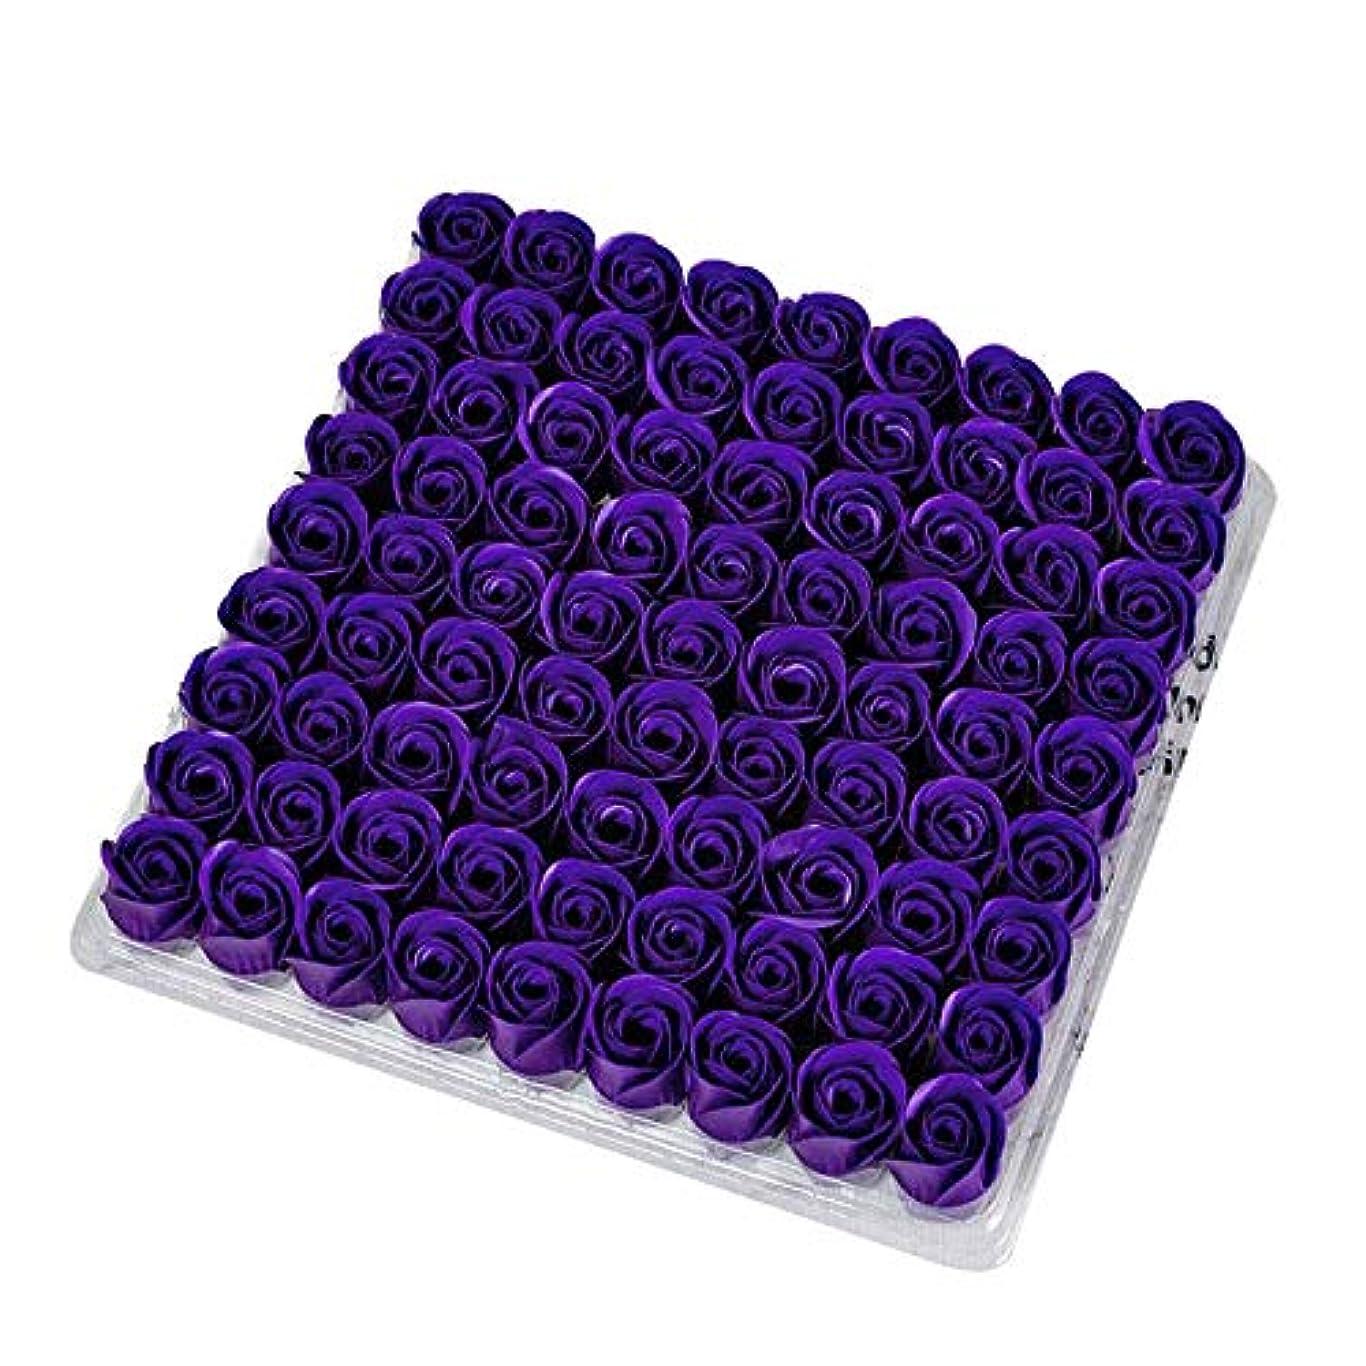 味付け容疑者バルクSODIAL 81個の薔薇、バス ボディ フラワー?フローラルの石けん 香りのよいローズフラワー エッセンシャルオイル フローラルのお客様への石鹸 ウェディング、パーティー、バレンタインデーの贈り物、紫色